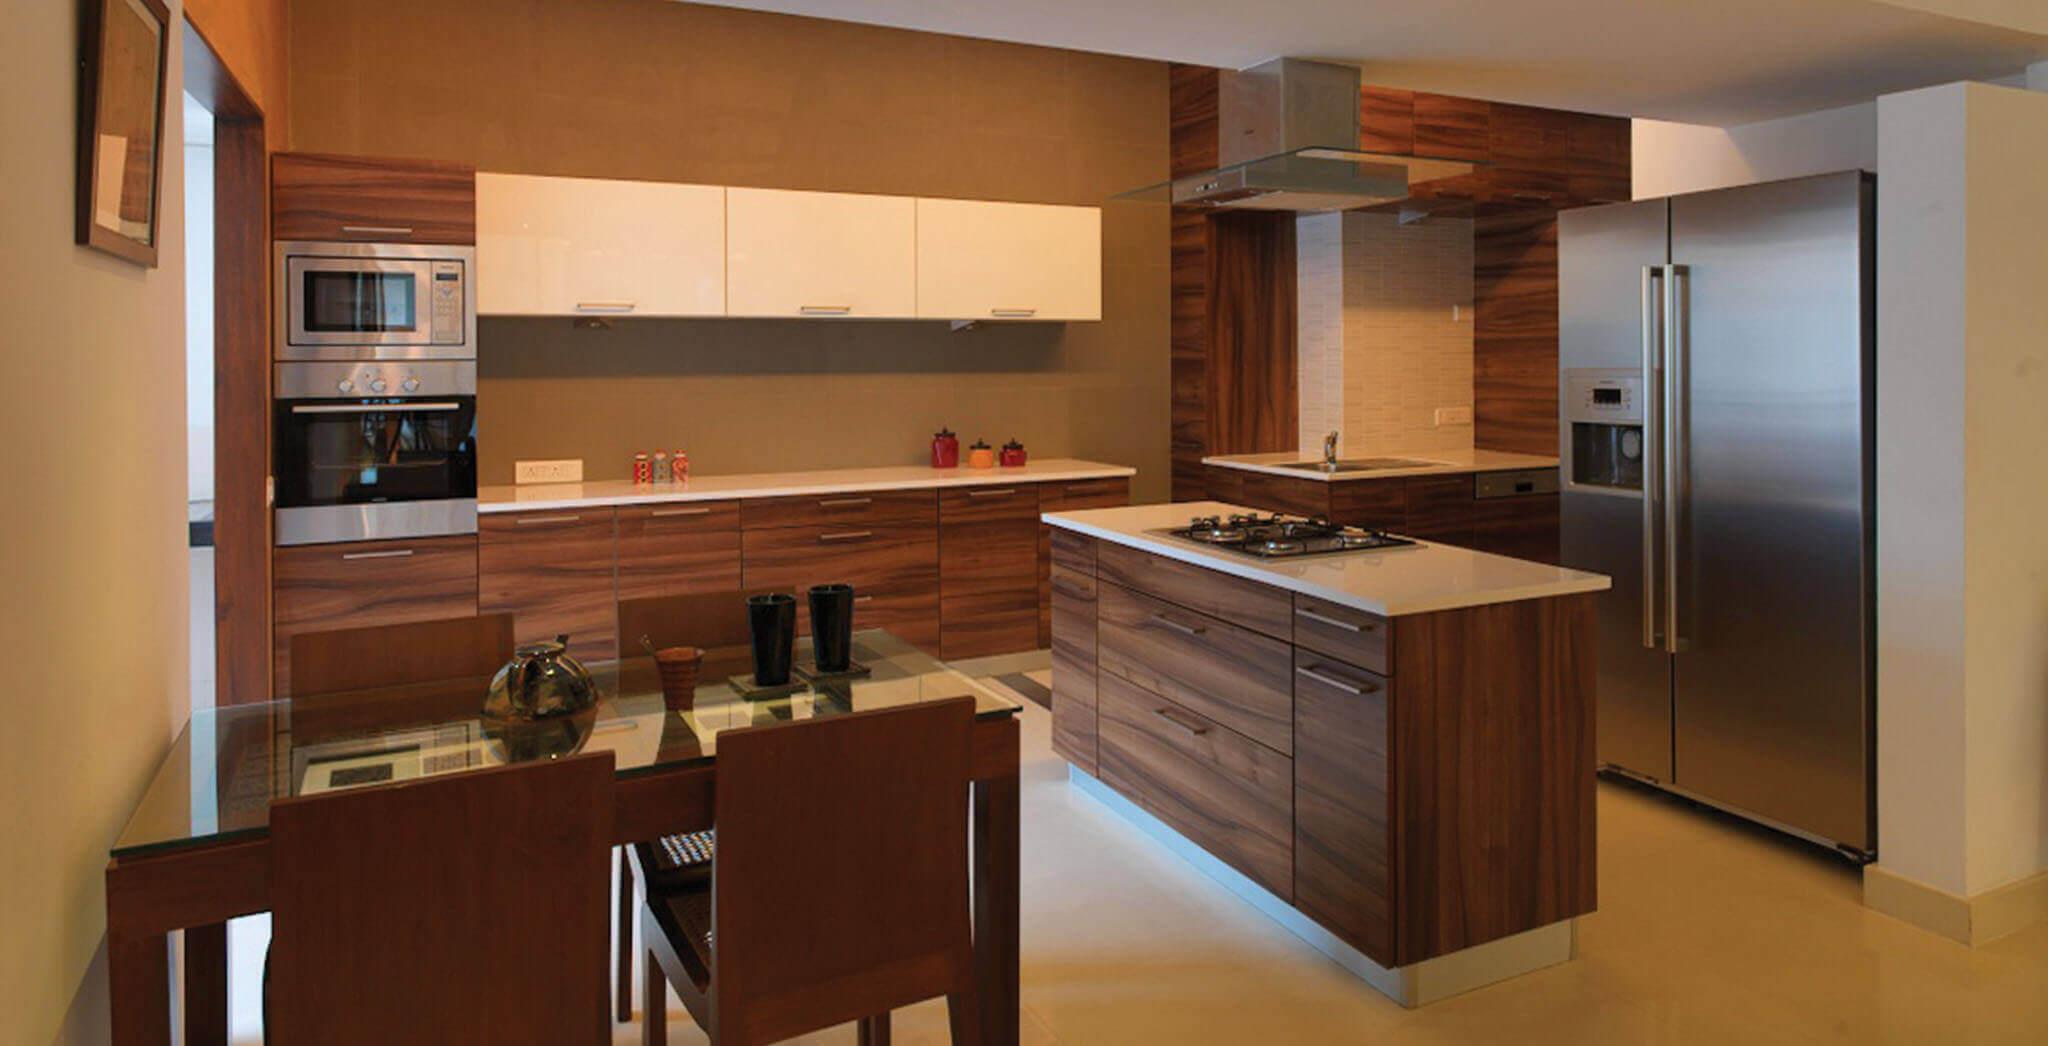 brigade exotica apartment interiors1